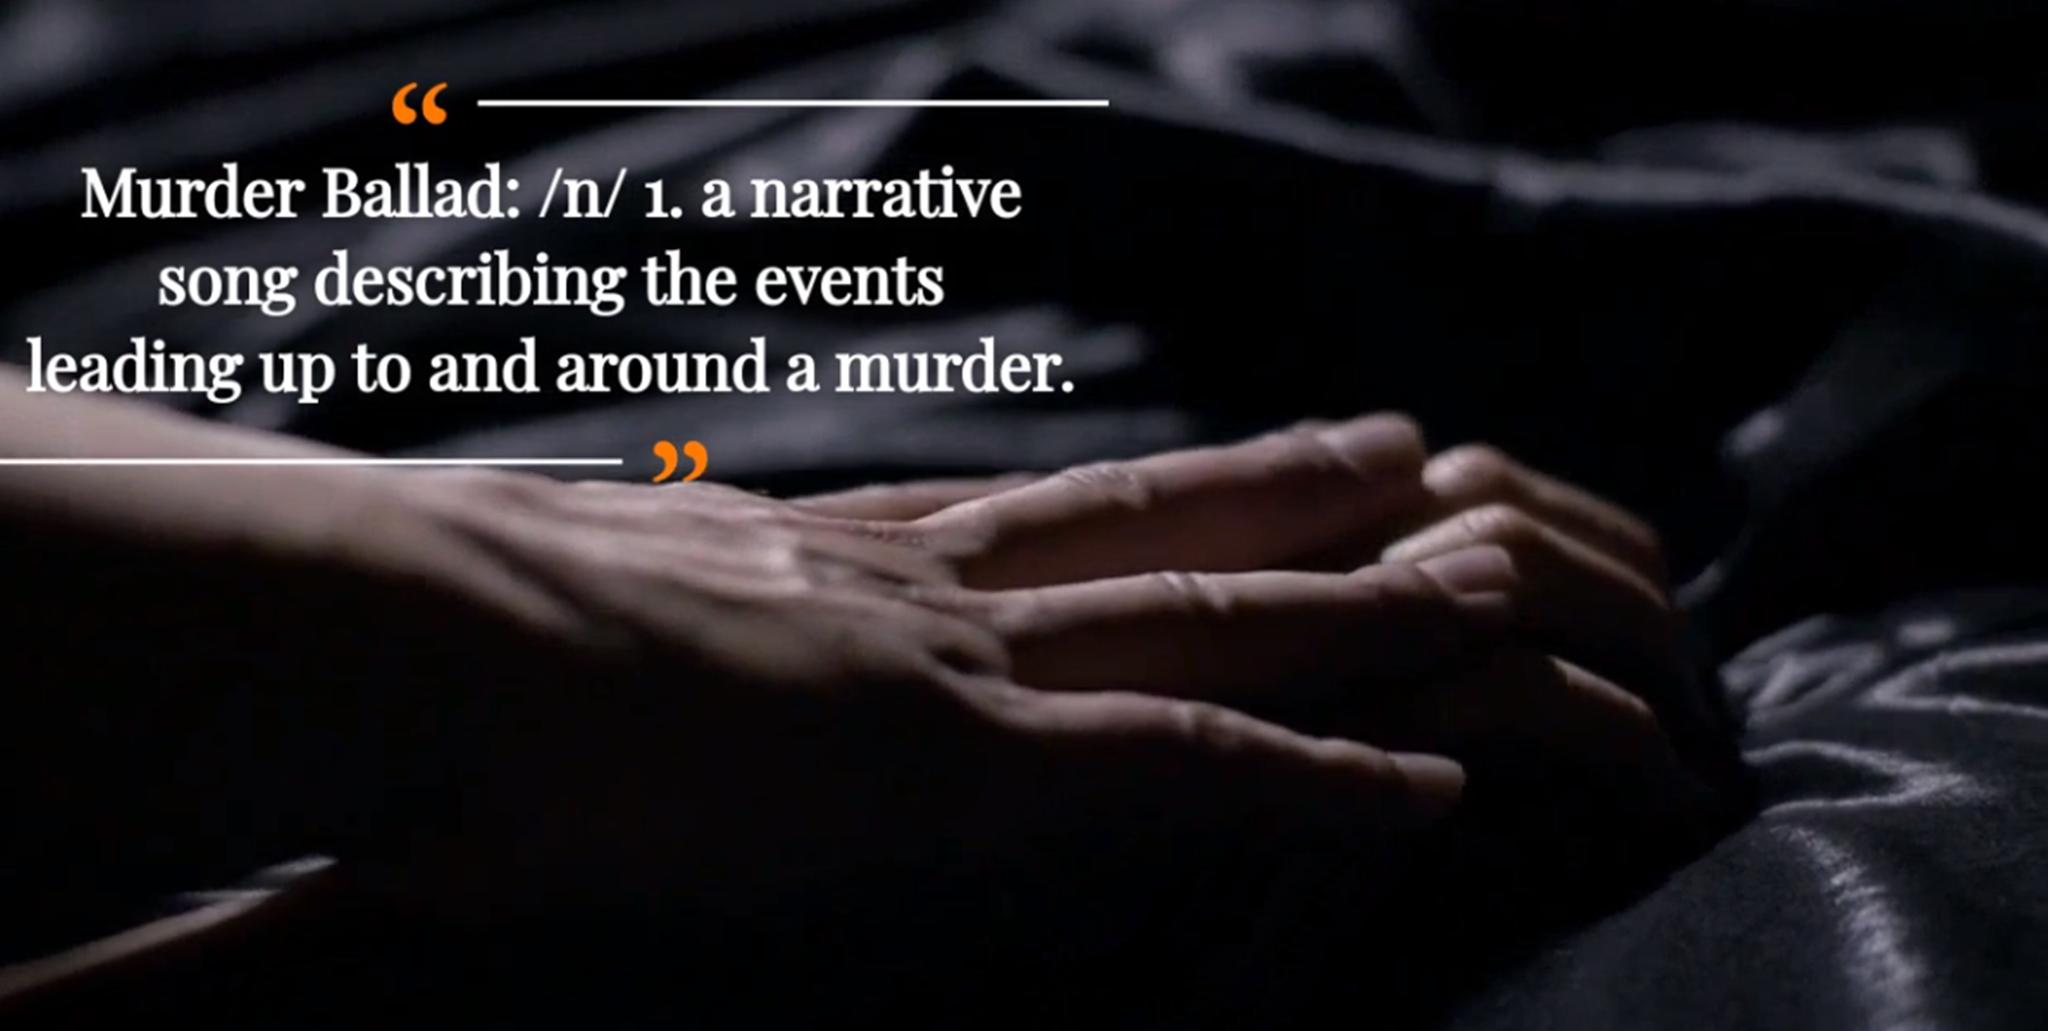 MURDER BALLAD | Teaser-Defined